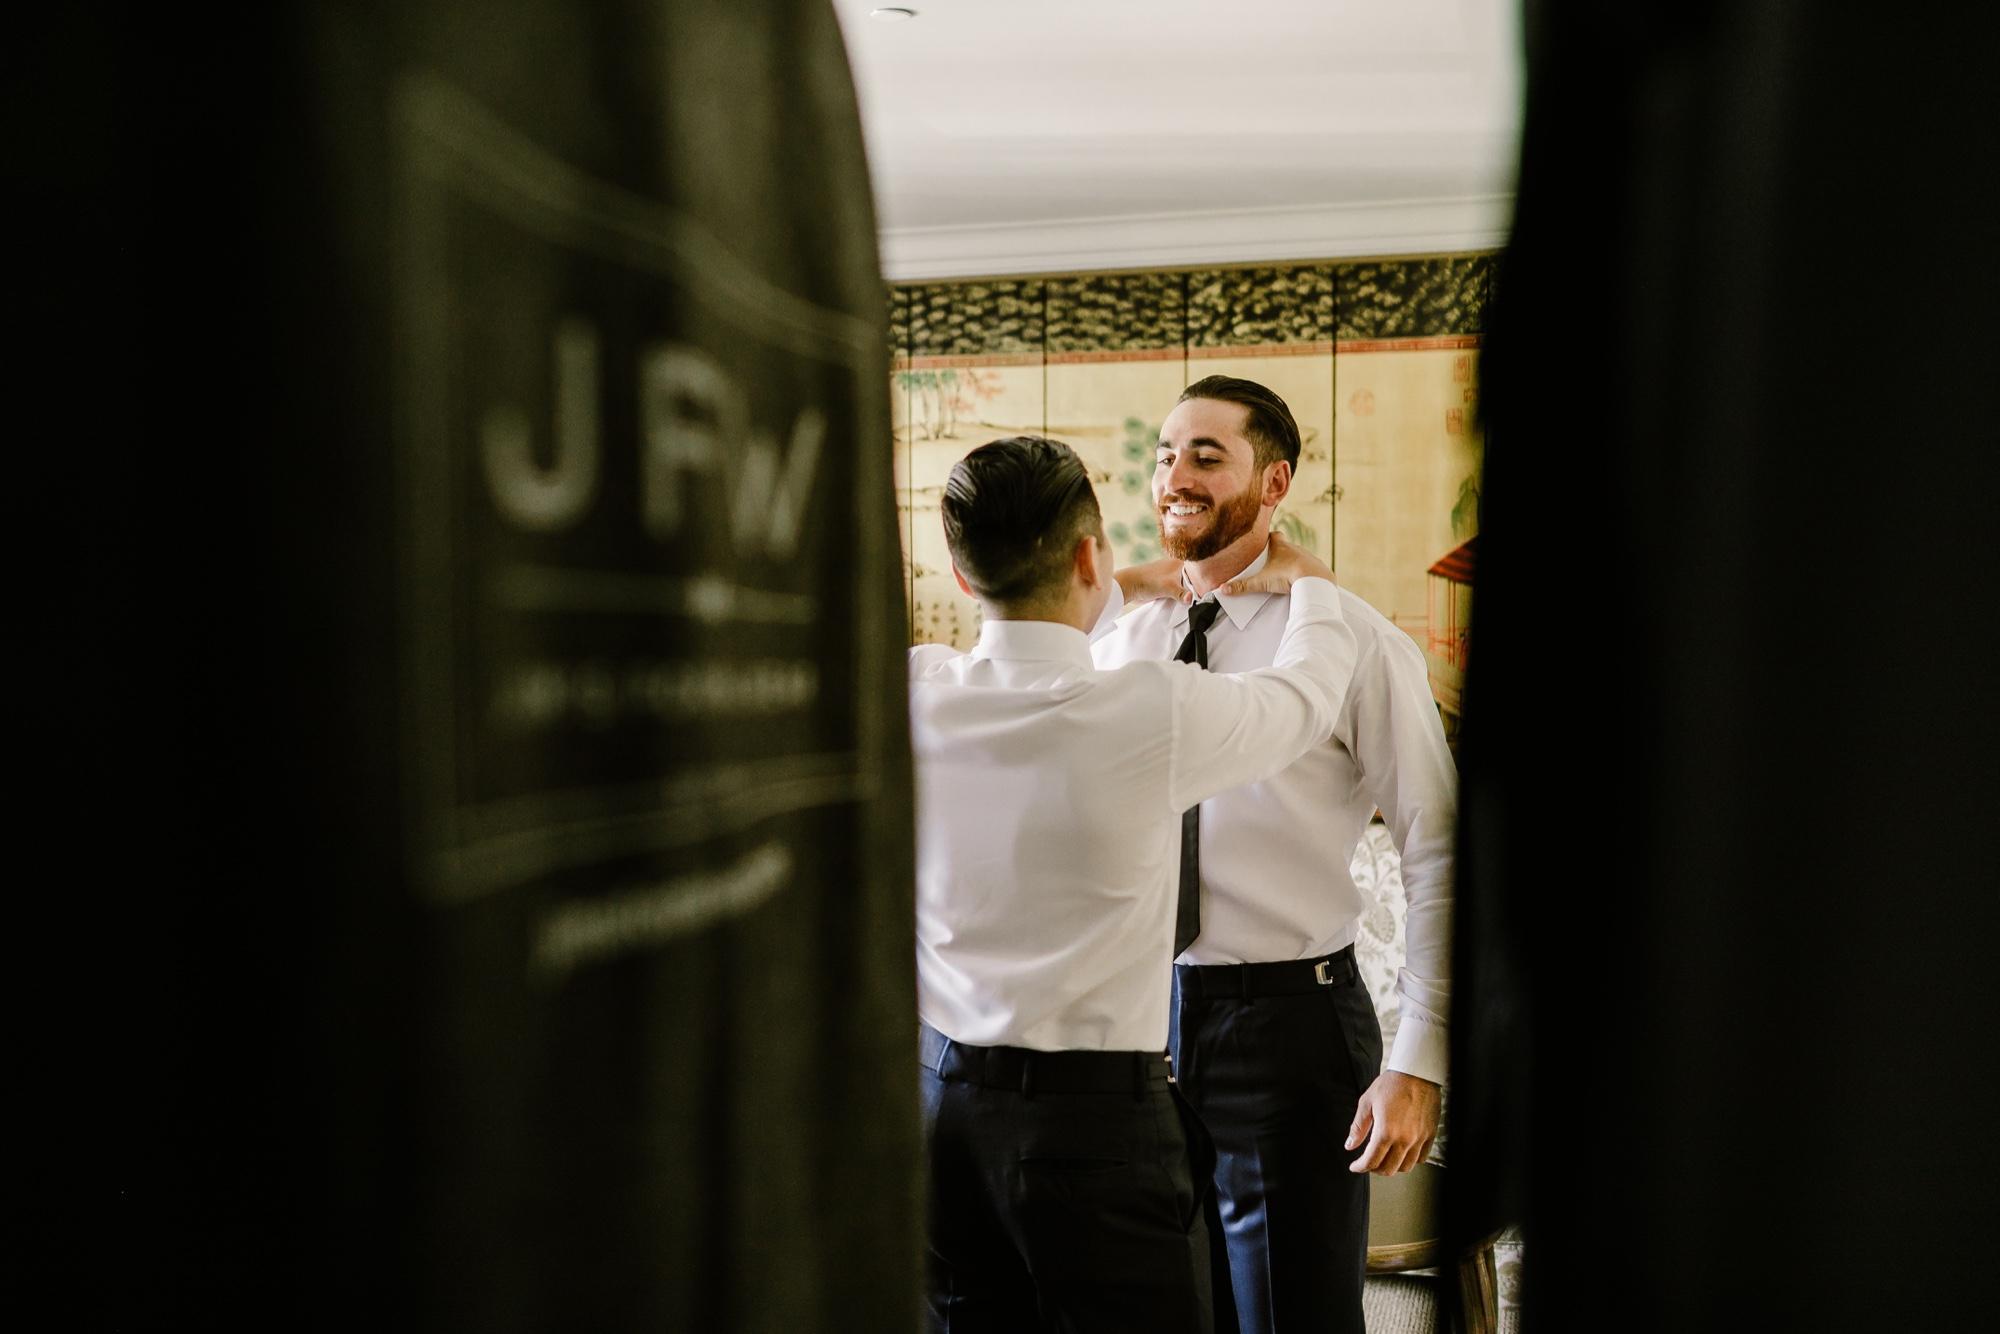 07_Ally and Tommy's Wedding-7_groomsmen_santa_inn_getting_ready_barbara.jpg